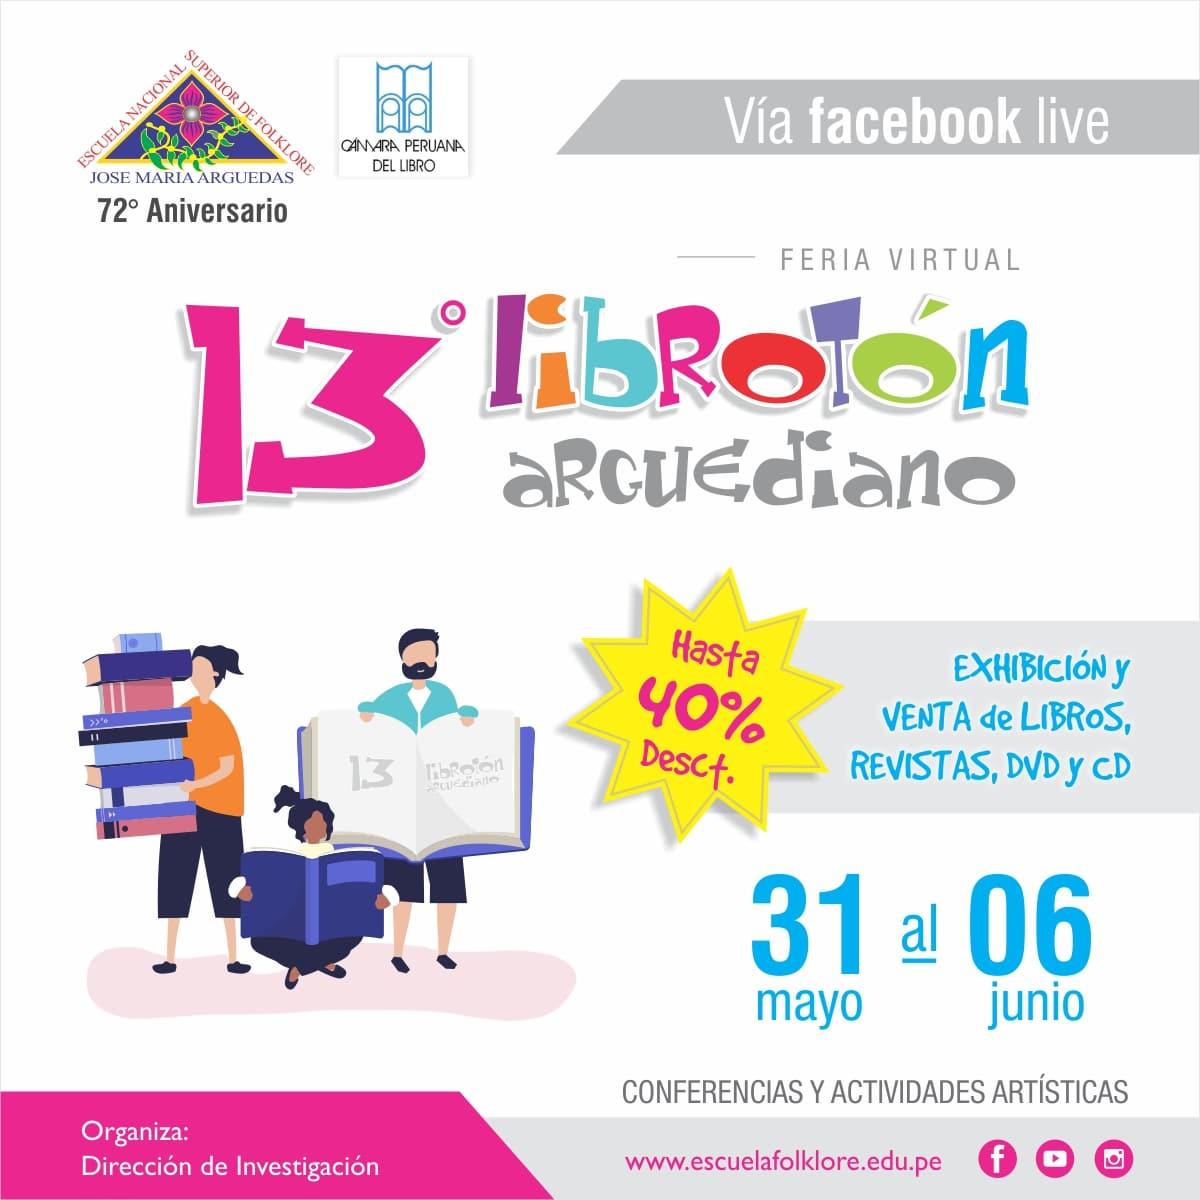 ESCUELA DE FOLKLORE PRESENTARÁ EL 13° LIBROTÓN ARGUEDIANO